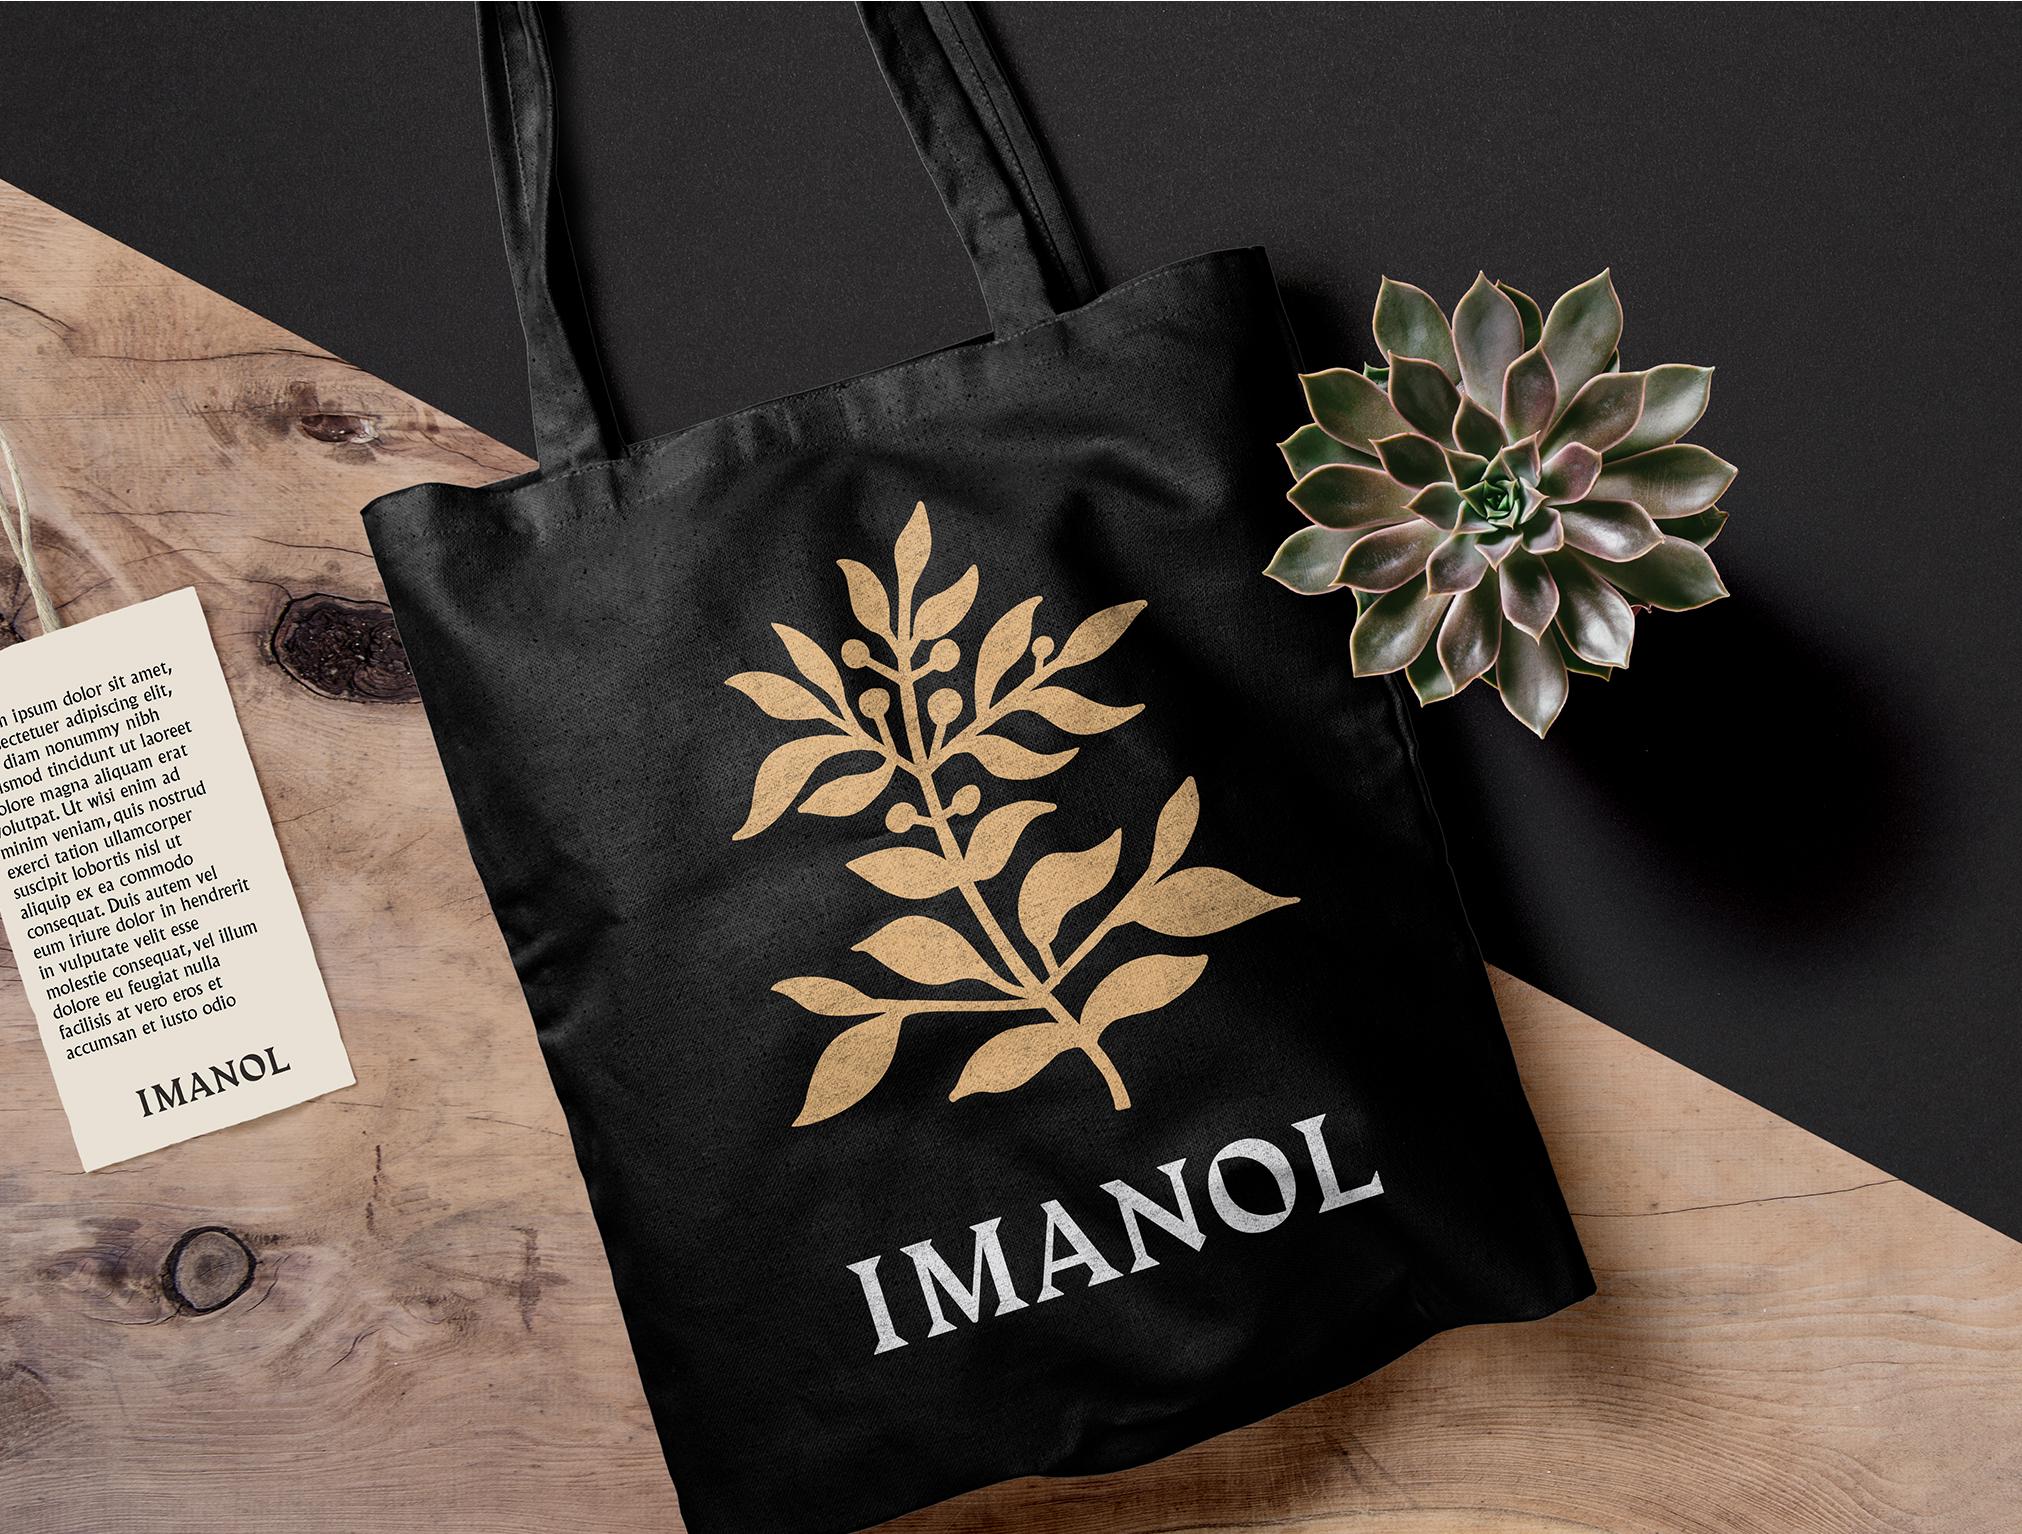 imanol-angel-espinosa-007